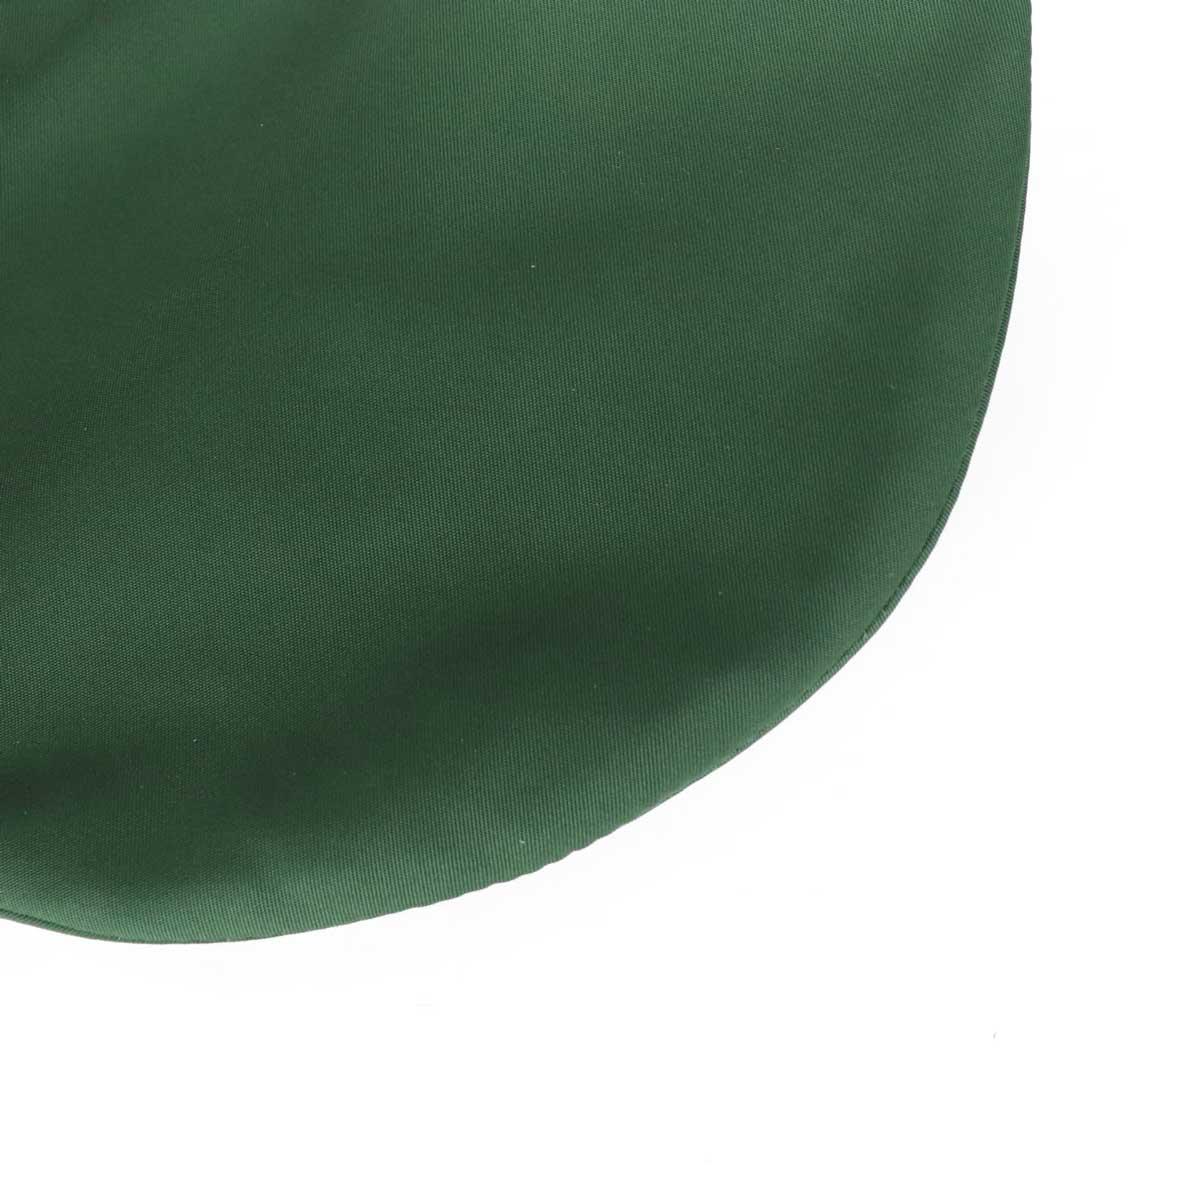 【動画付き】国内正規品 即日発送 Felisi フェリージ ナイロン×バケッタレザー ウエストバッグ 1039/DS+A FOREST GREEN(グリーン)